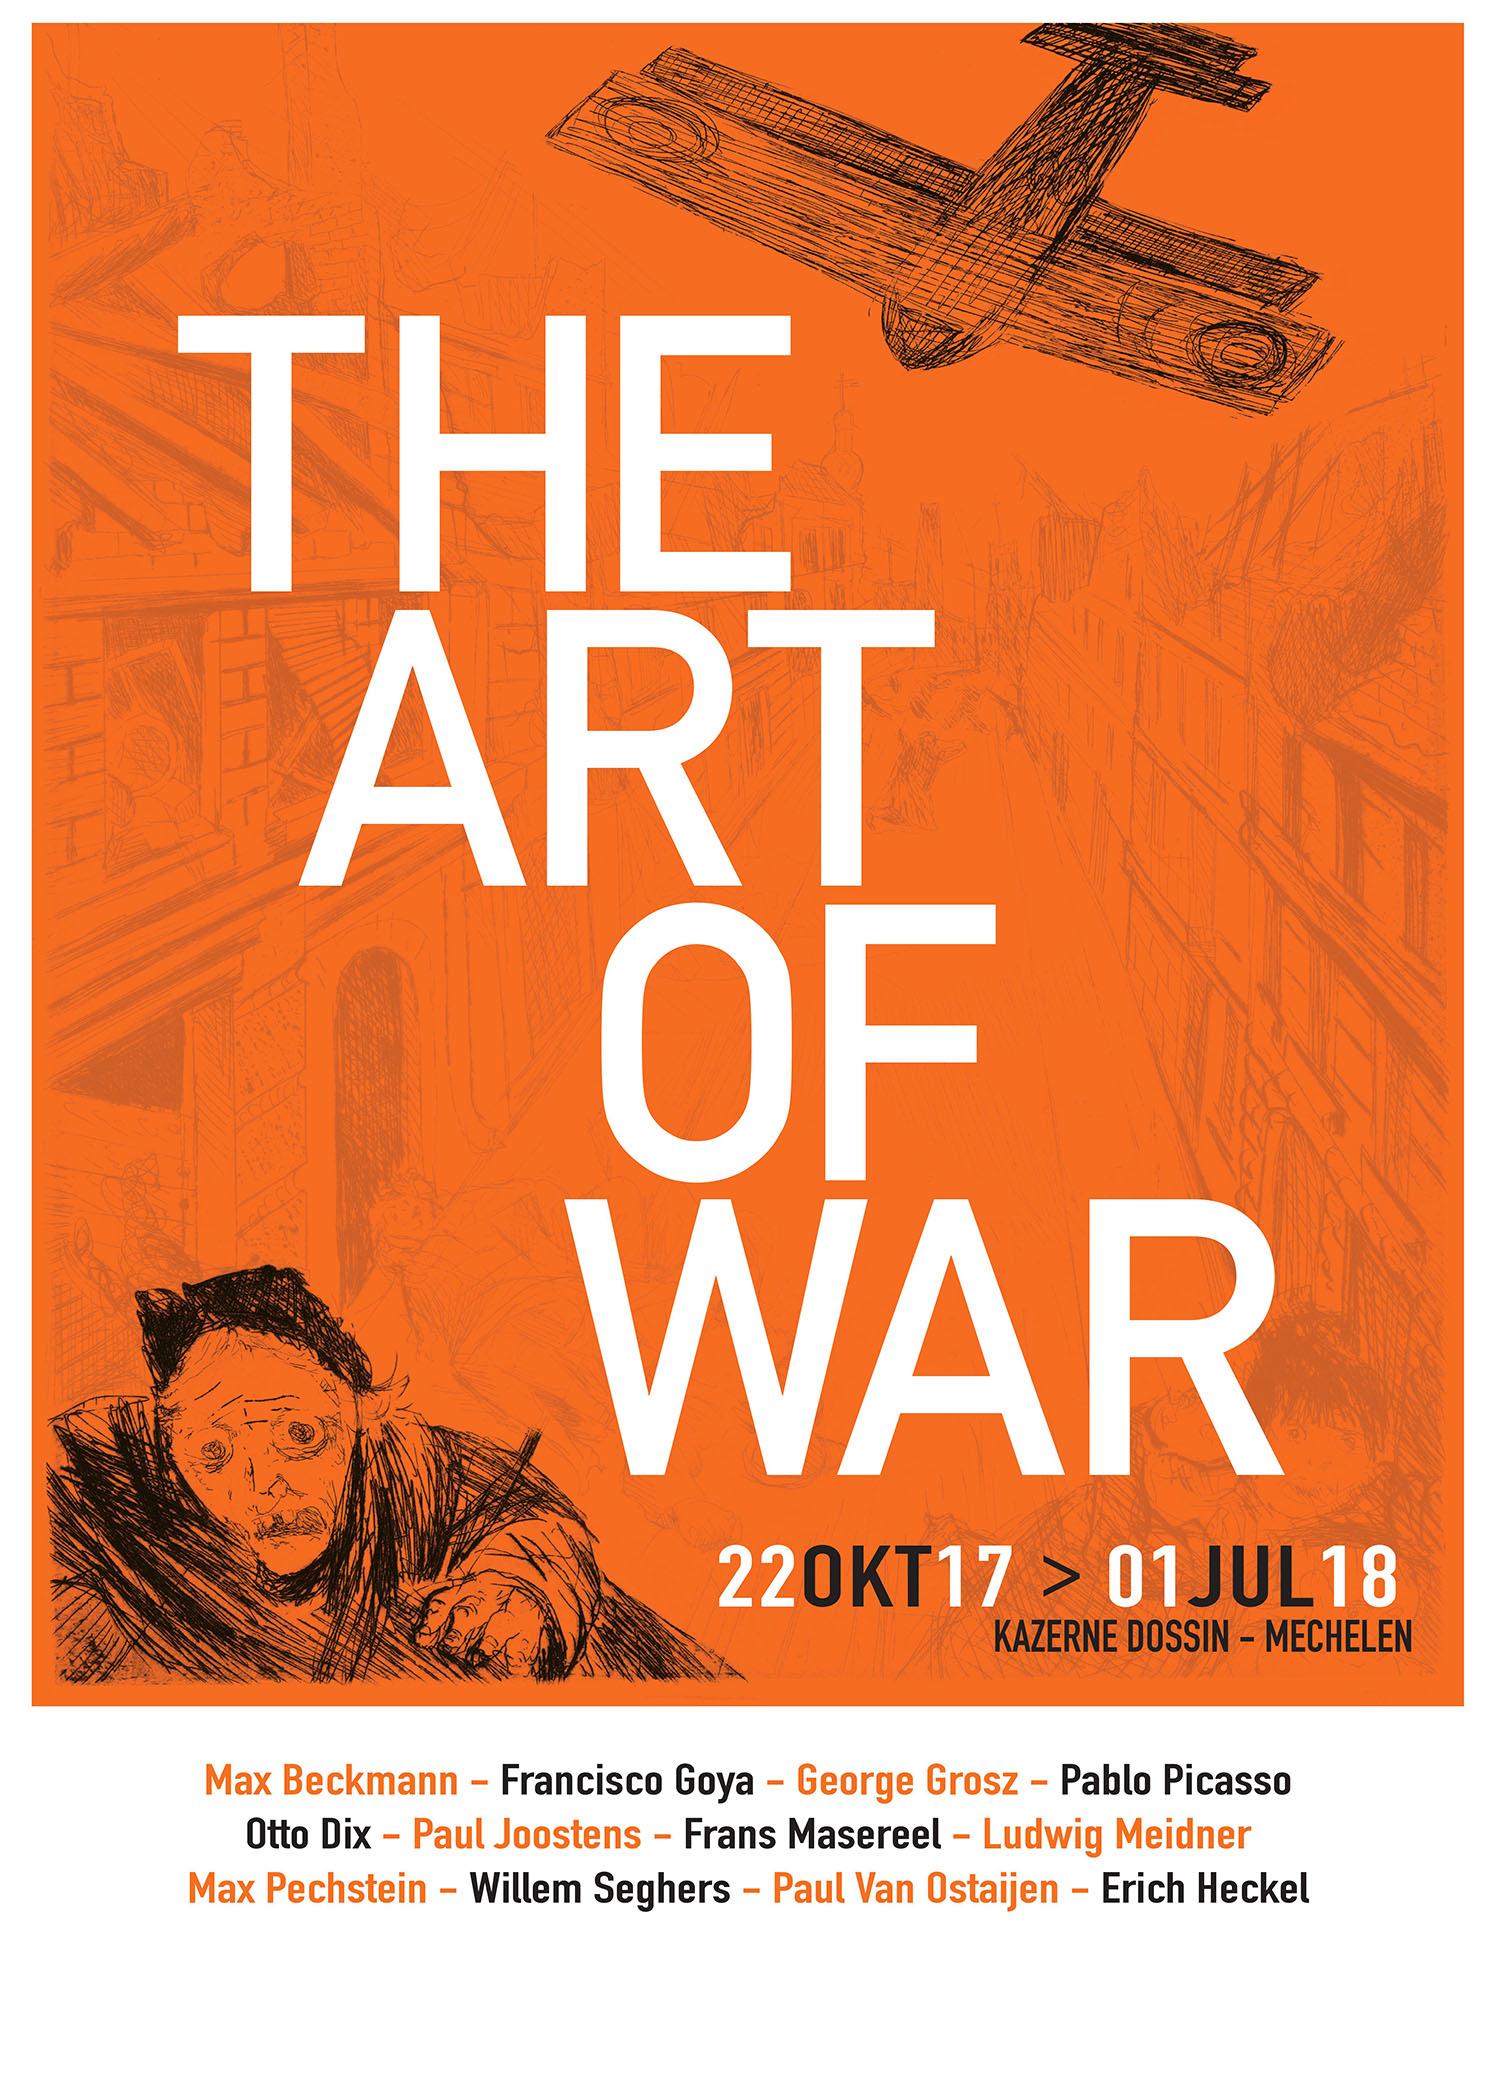 Beeld: Der Krieg, Otto Dix - Ontwerp: Anderzijds